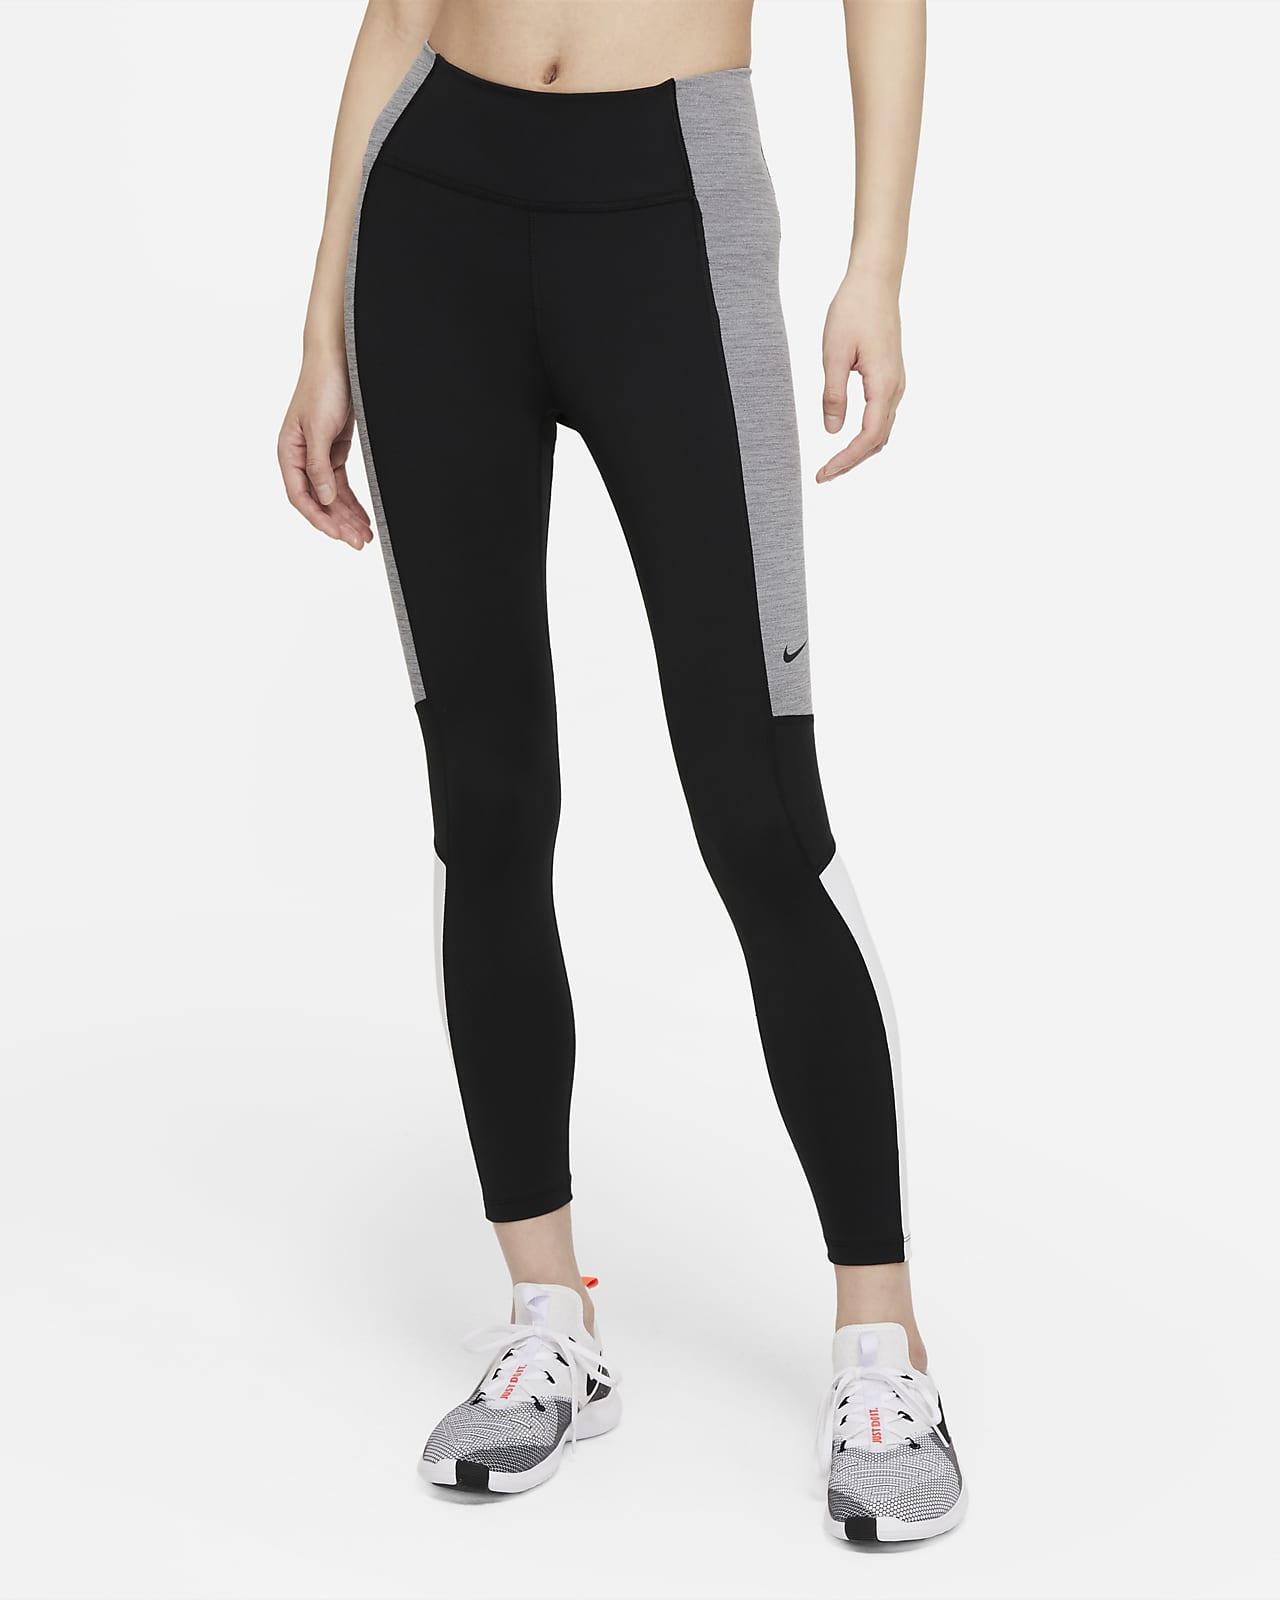 Nike Dri-FIT One Women's Mid-Rise 7/8 Colour-Block Leggings